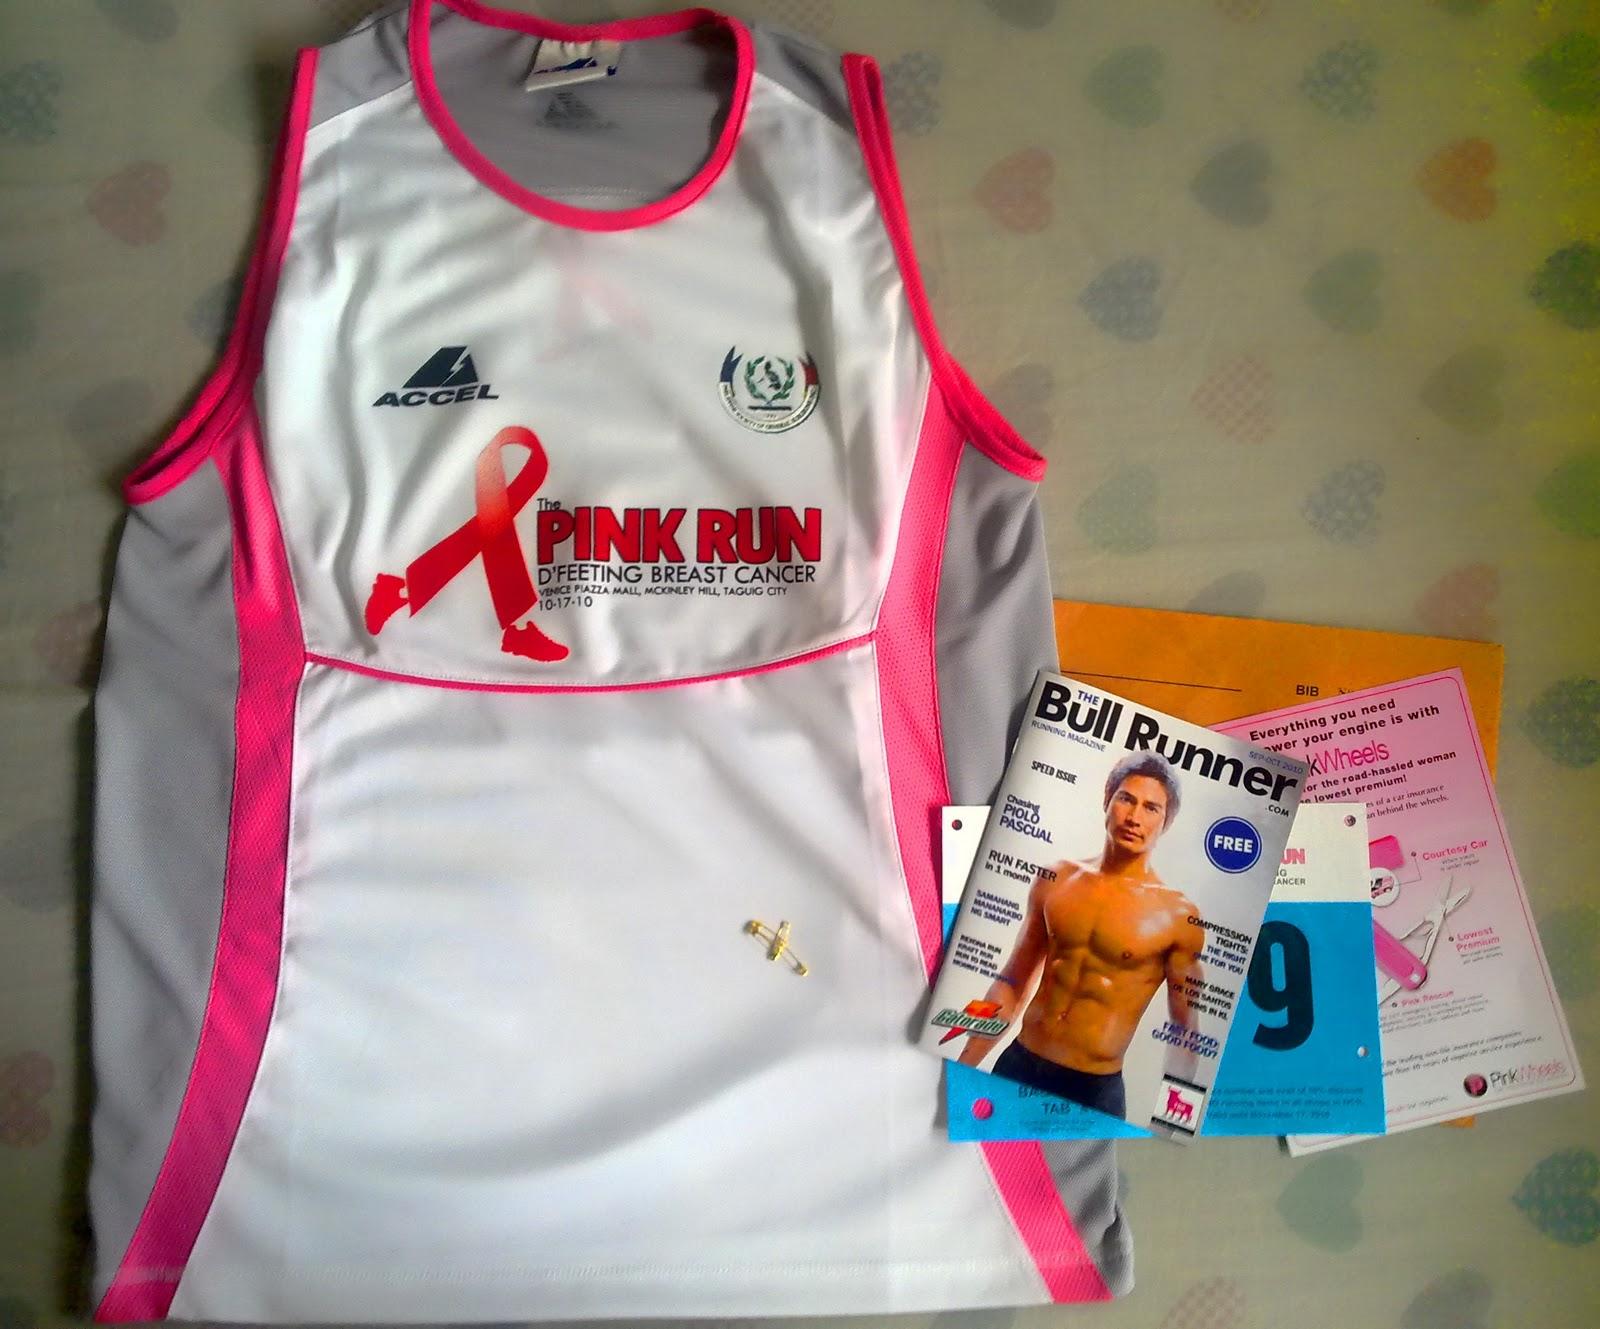 http://2.bp.blogspot.com/_71P6Ifd3Uy4/TK65X-XqL-I/AAAAAAAAAWM/V5o1_WRMMPU/s1600/Pink+Run+Singlet+TBR+Race+Kit.jpg